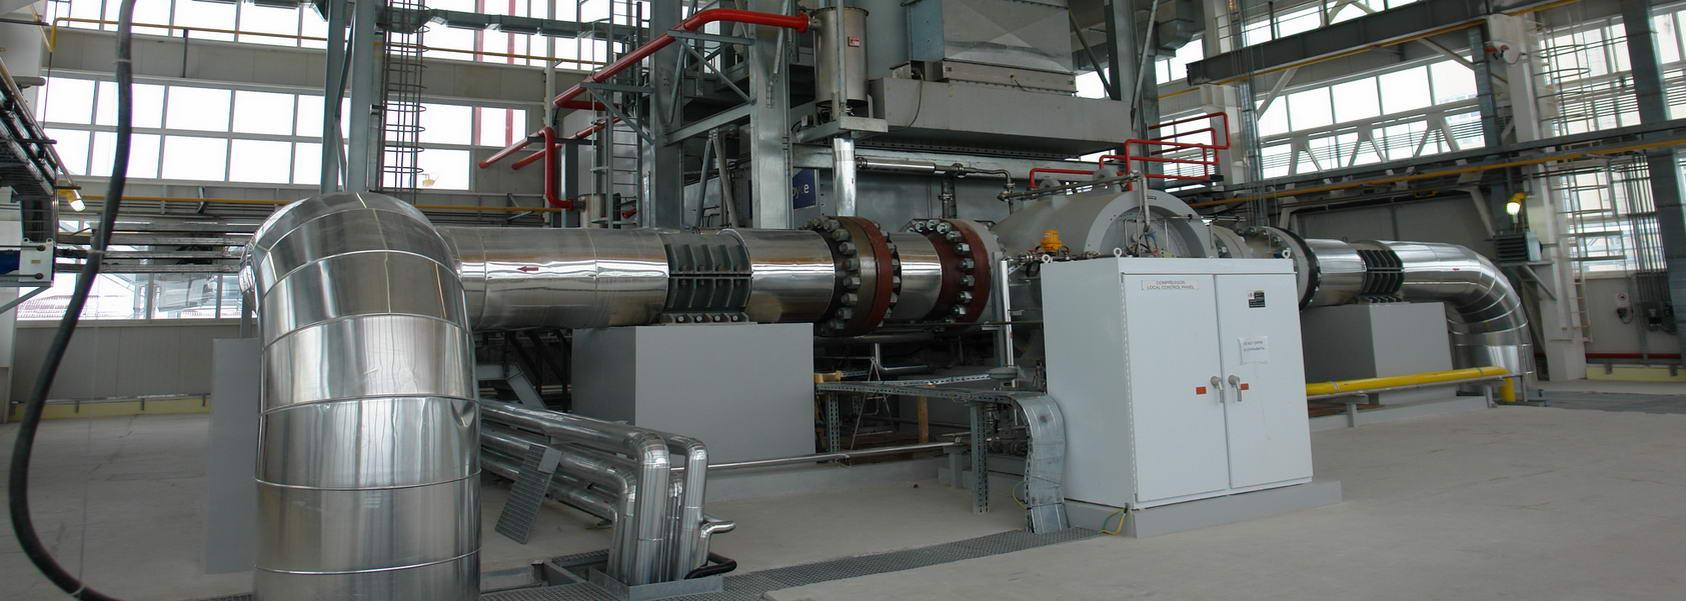 Высококачественное оборудование General Electric